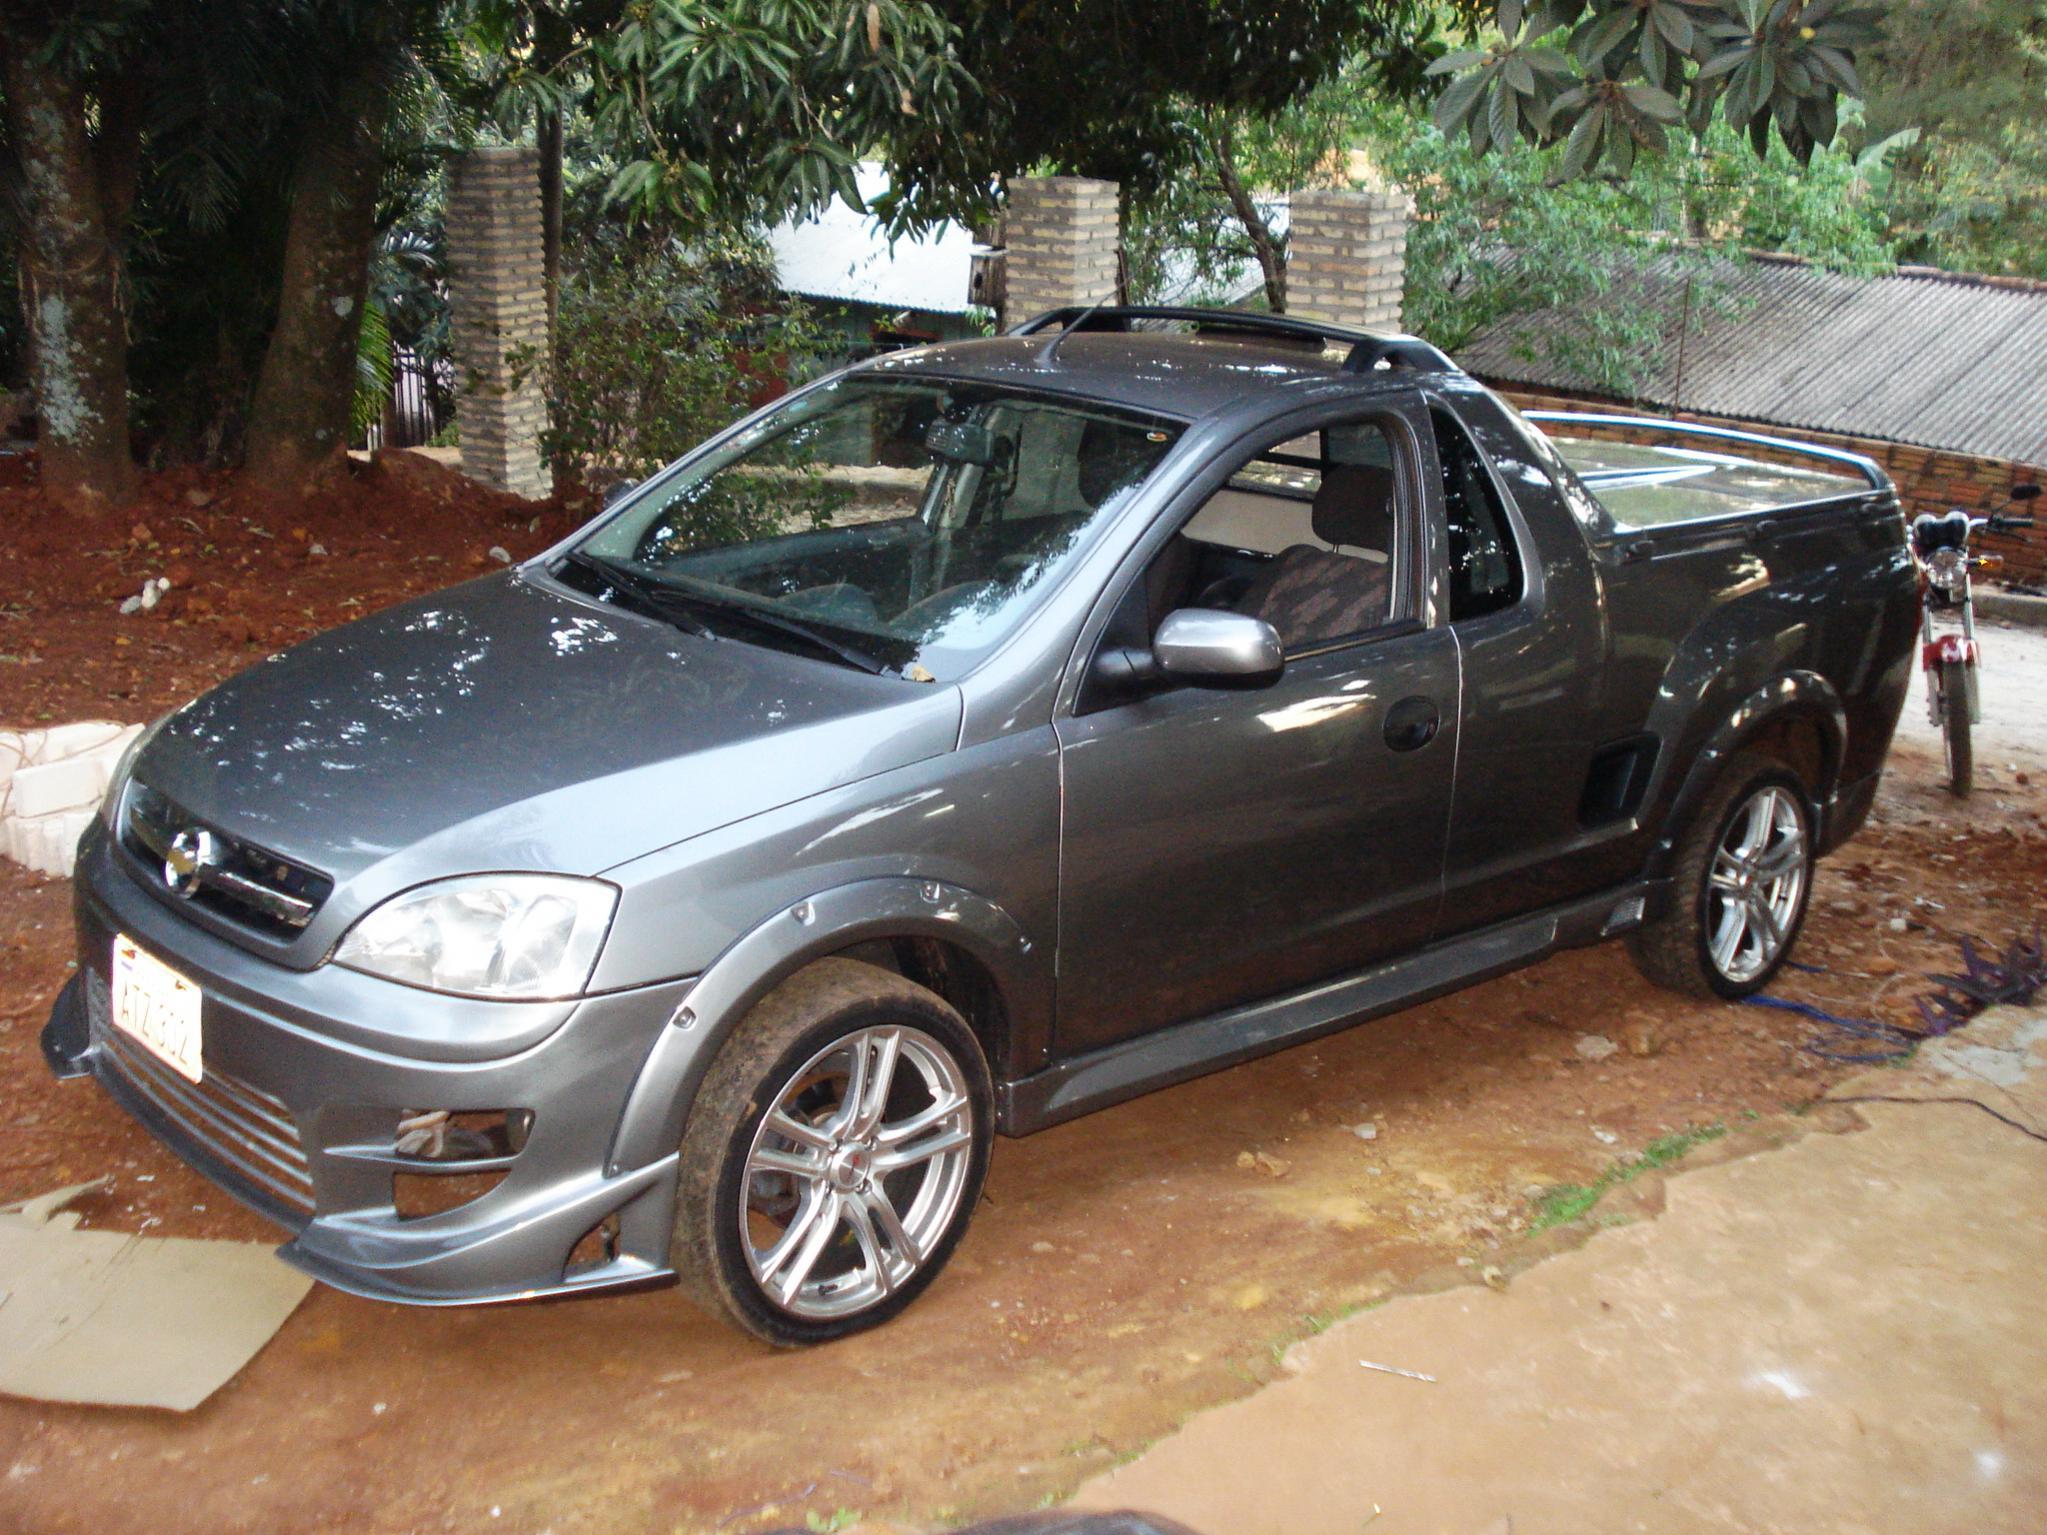 Chevrolet montana tuning - Motores.com.py